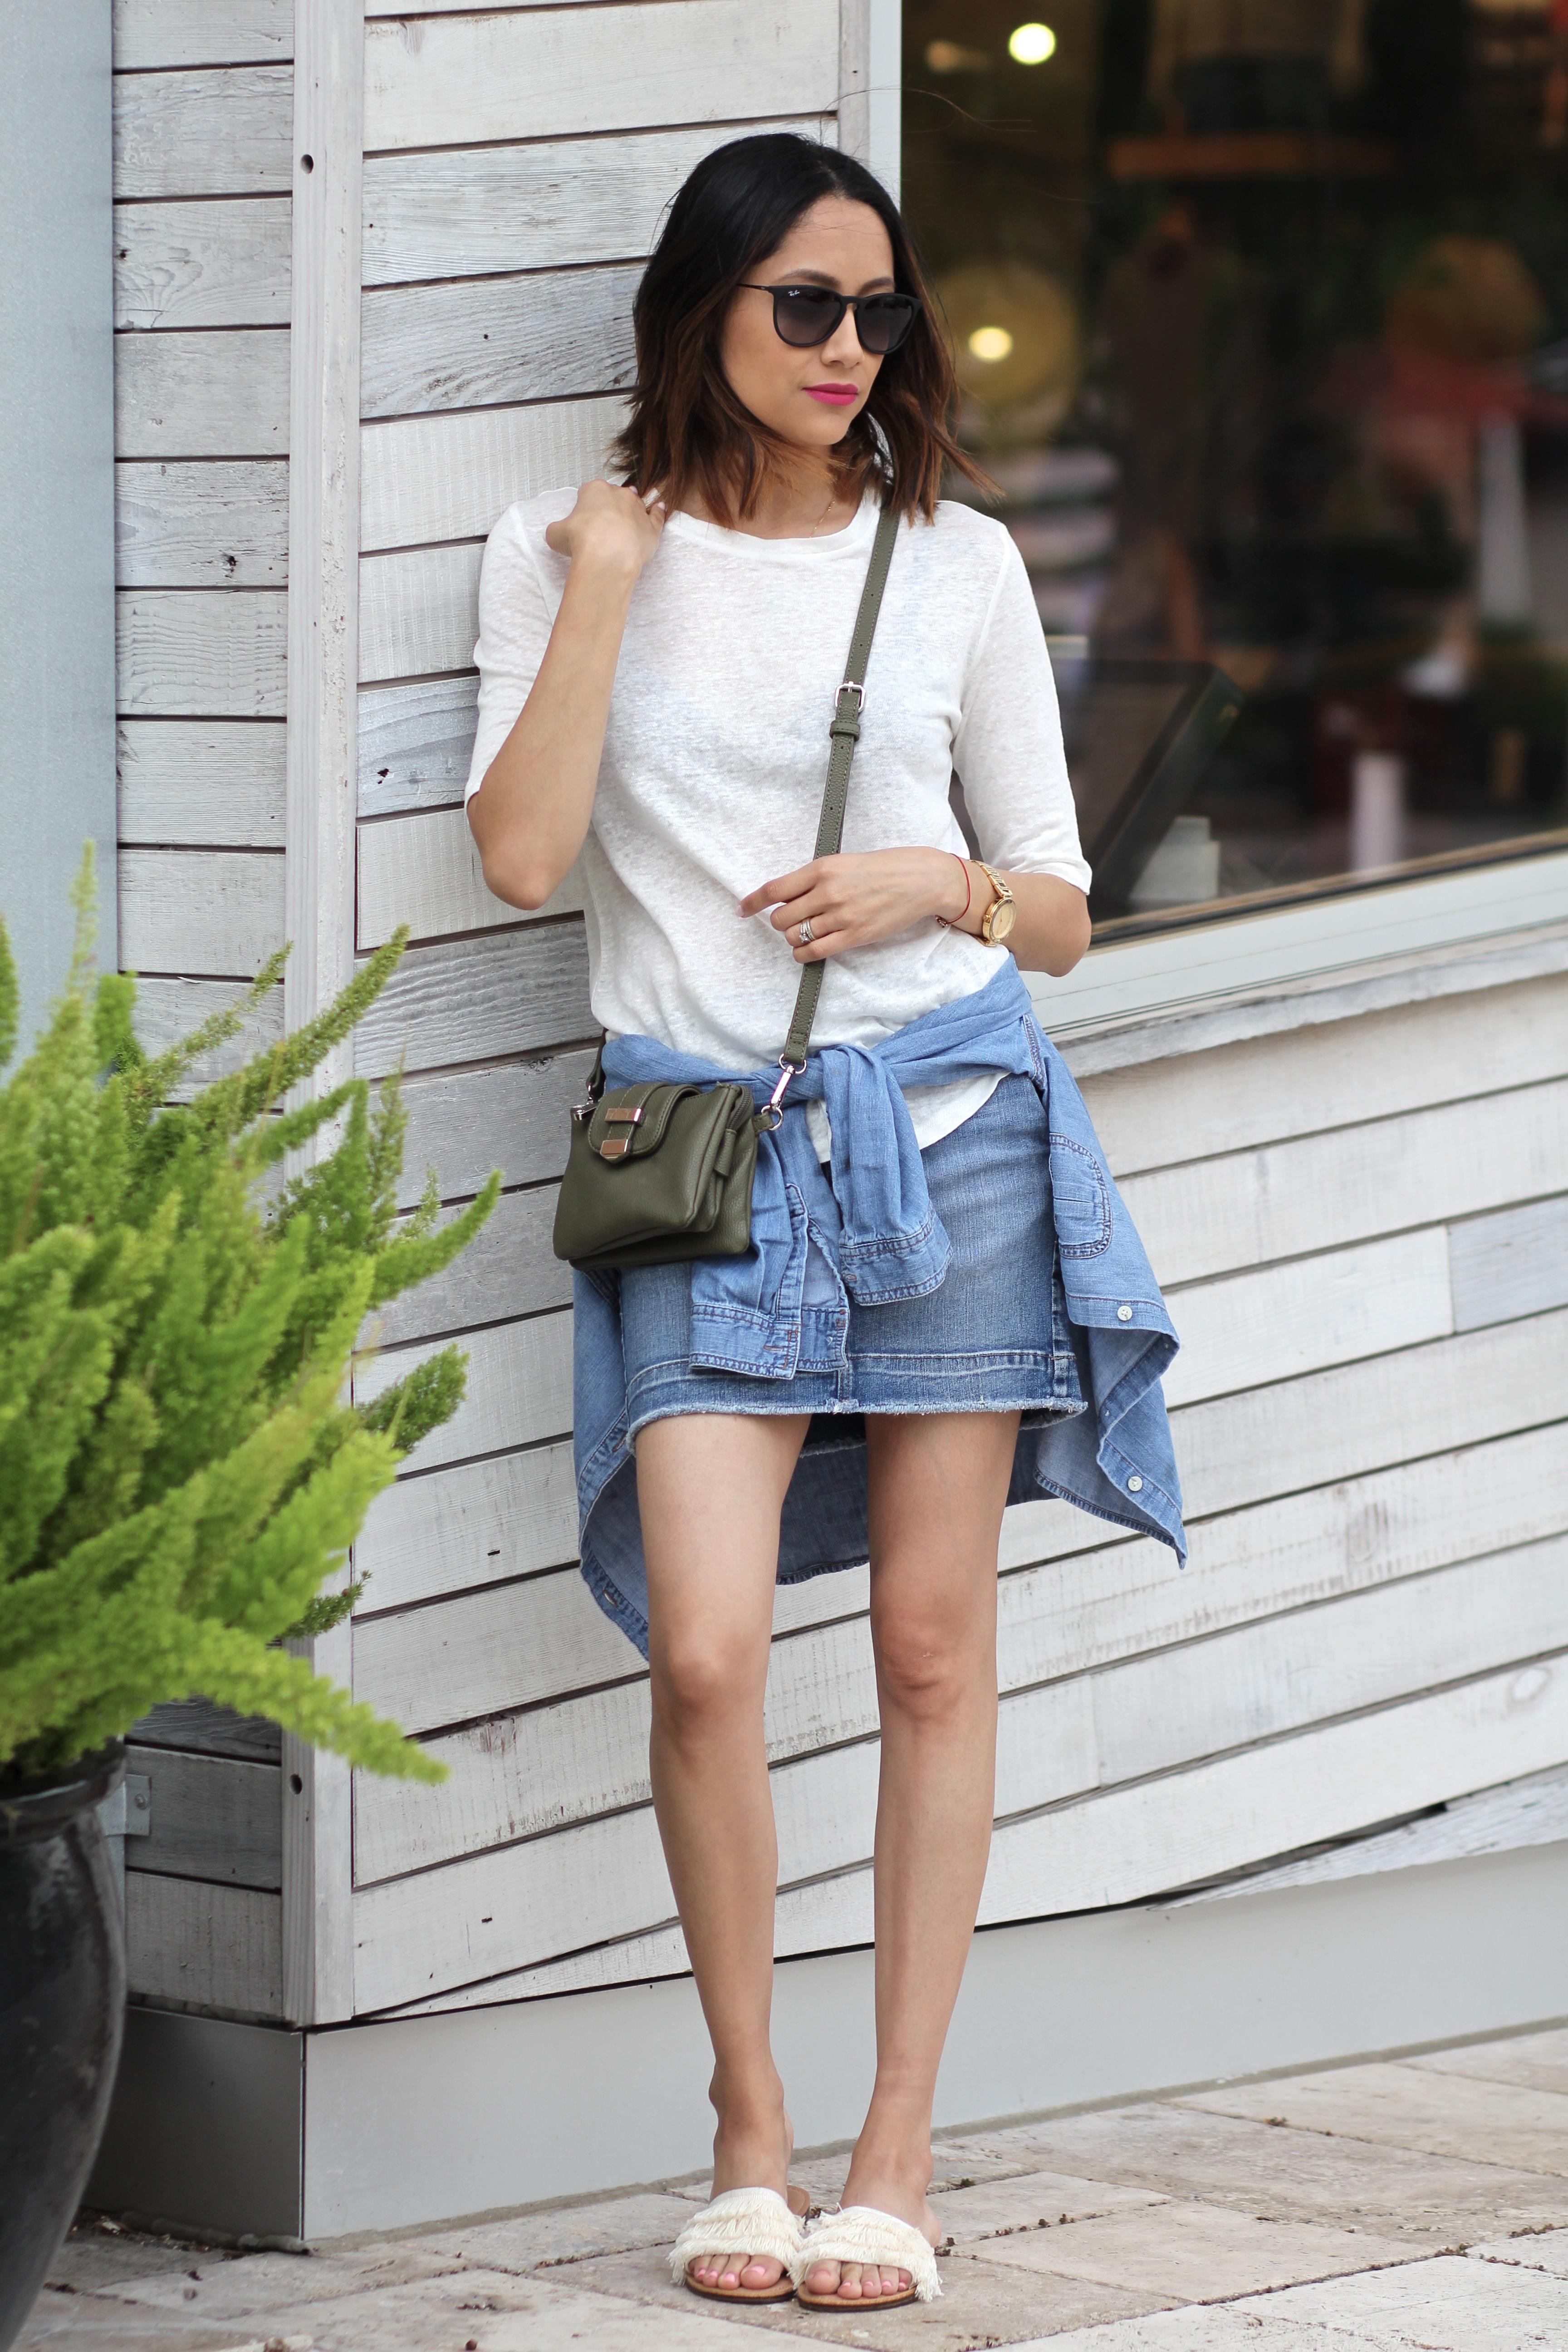 Off-duty look | Denim Skirt | Fringe Sandals